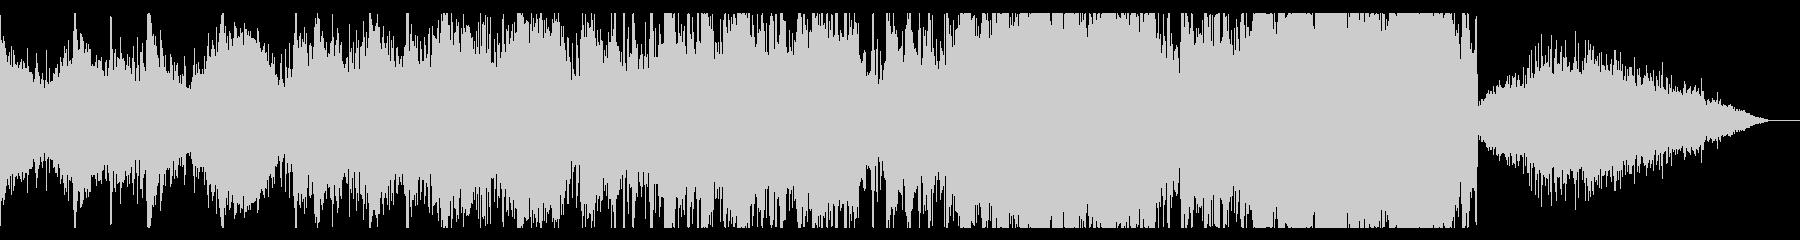 エピックでダークなシネマティックBGMの未再生の波形